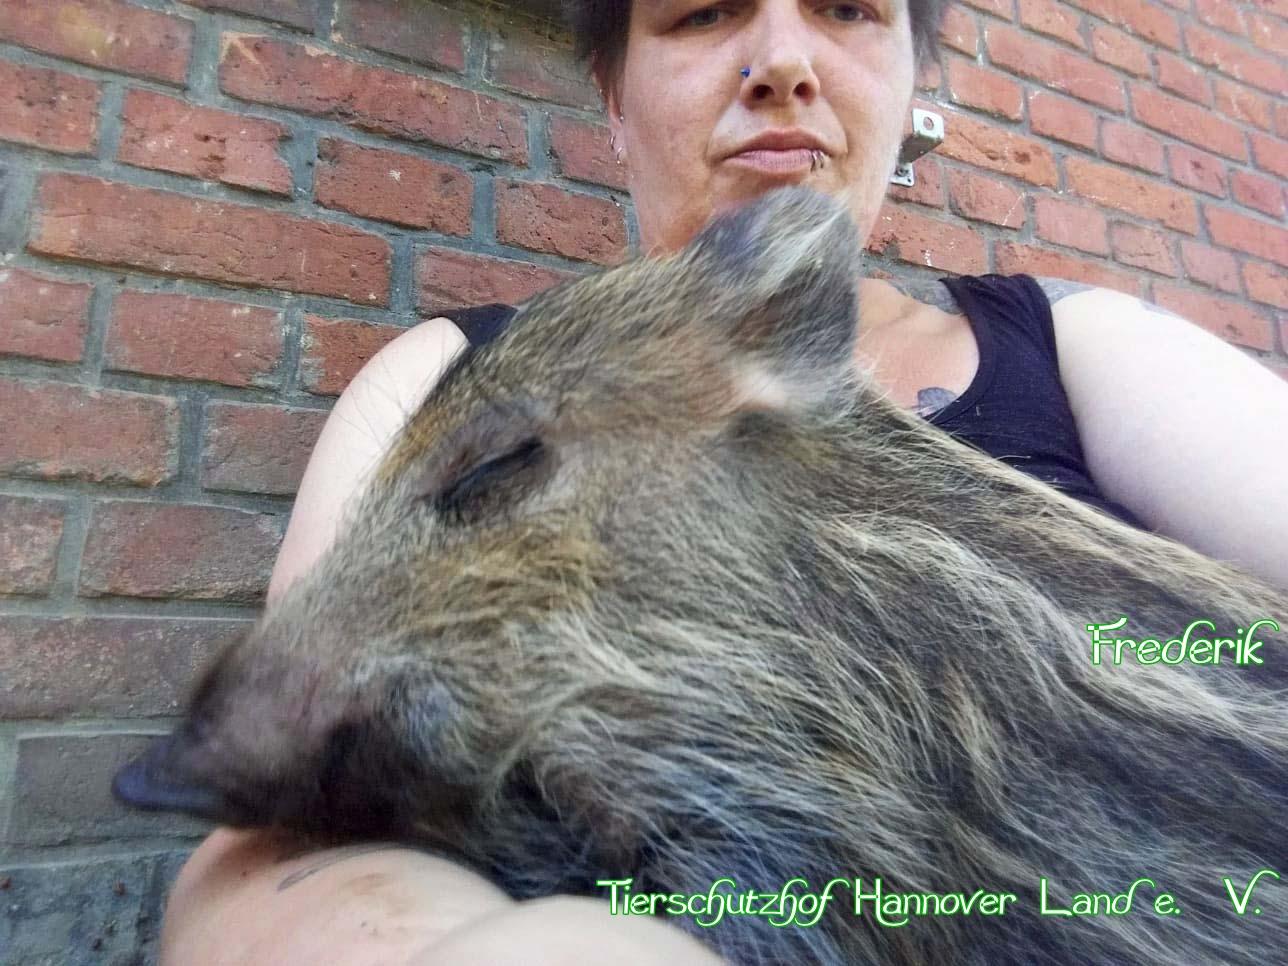 Frederik, das Schoßschweinchen